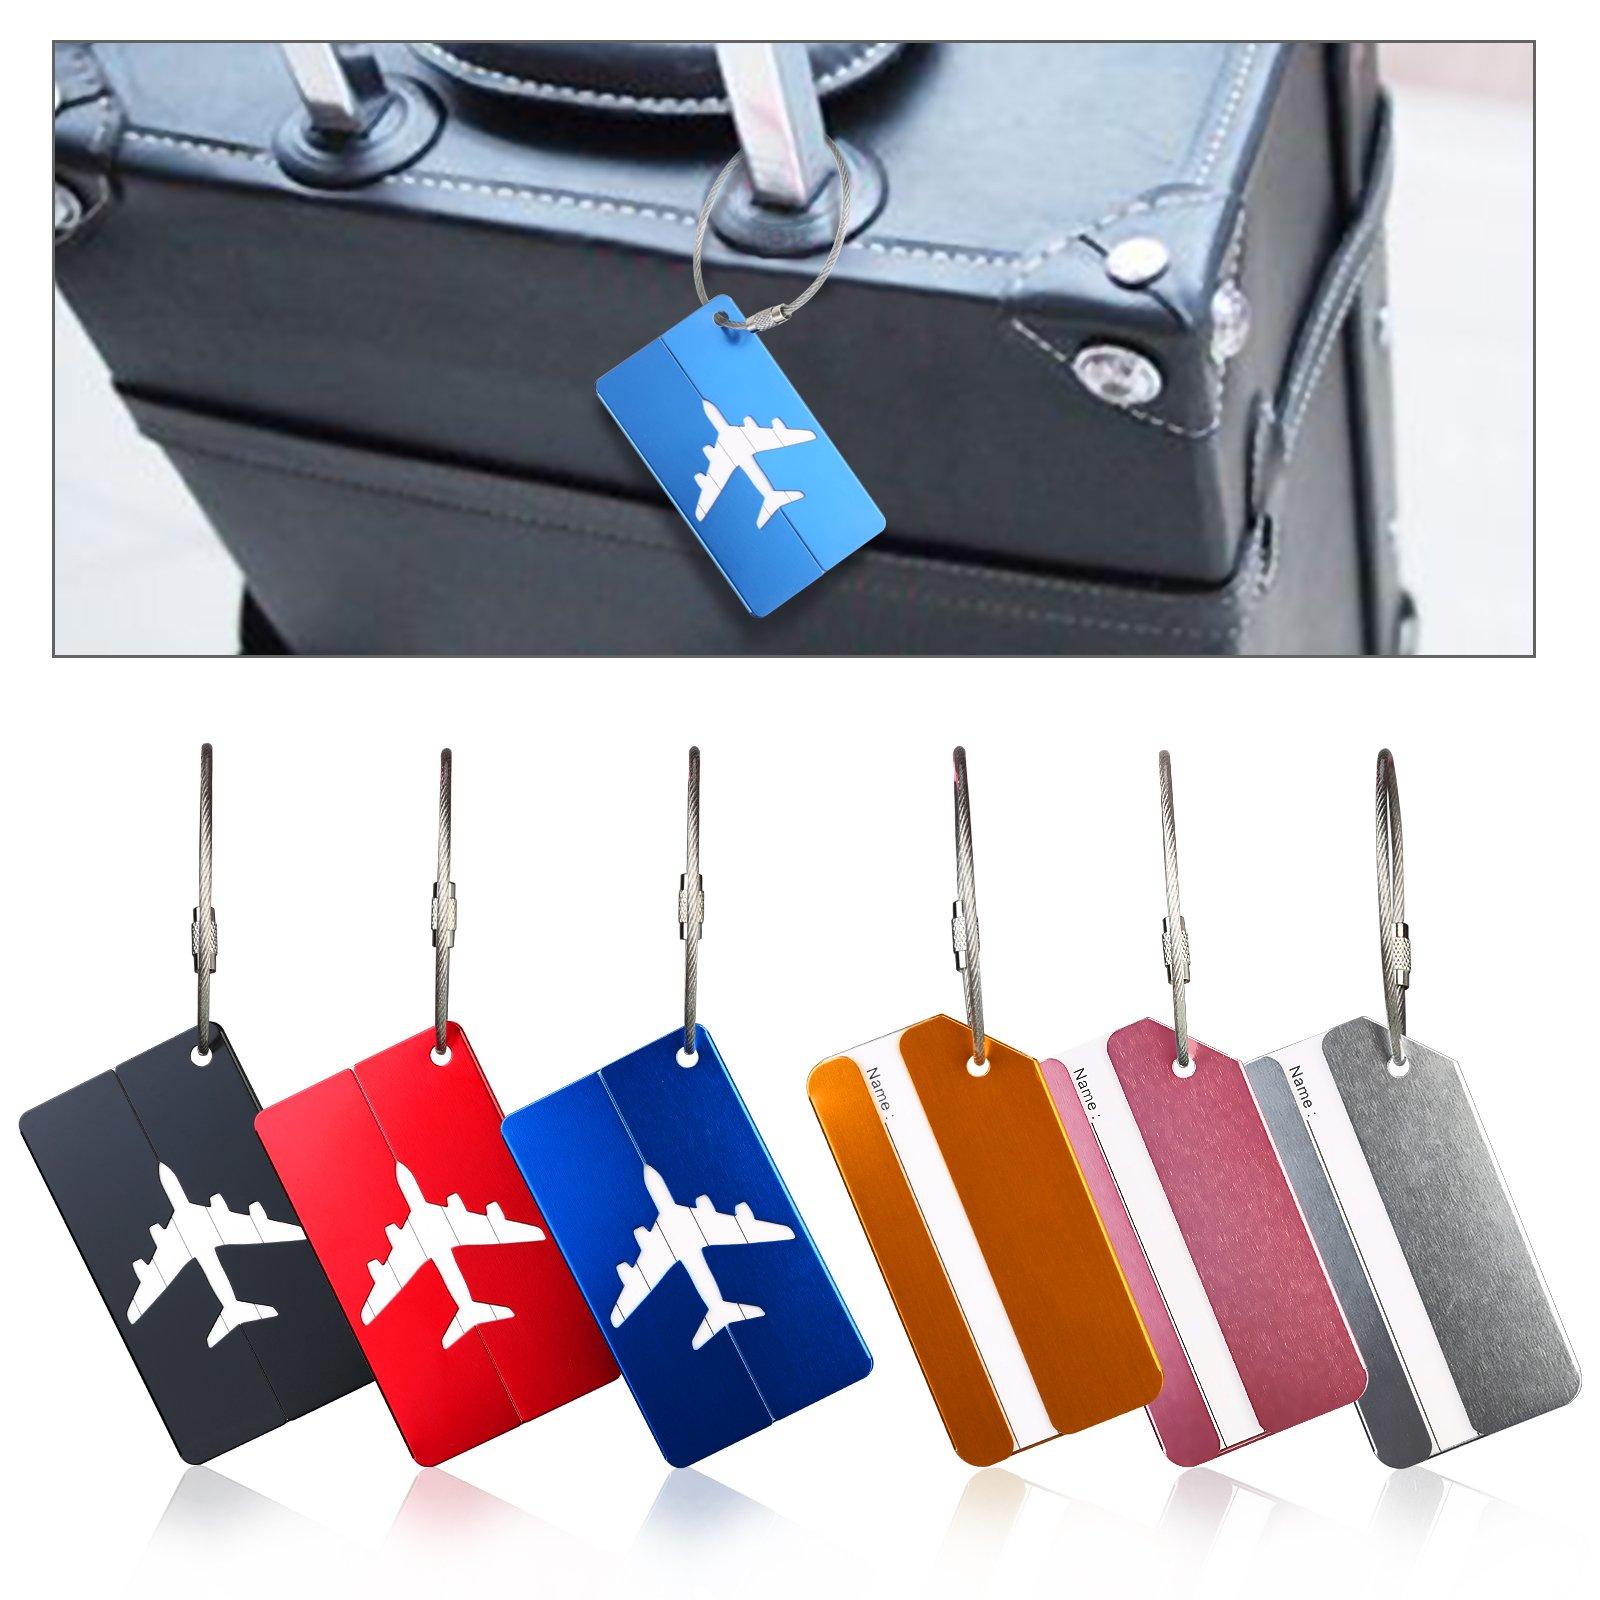 6er Metal Kofferanhänger,ZOOMSKY Aluminium Streifen/Flugzeug Motiv Gepäck Handtasche Tag Koffer Tasche Etiketten Name Adresse Schilder für Reise Bussiness Travel